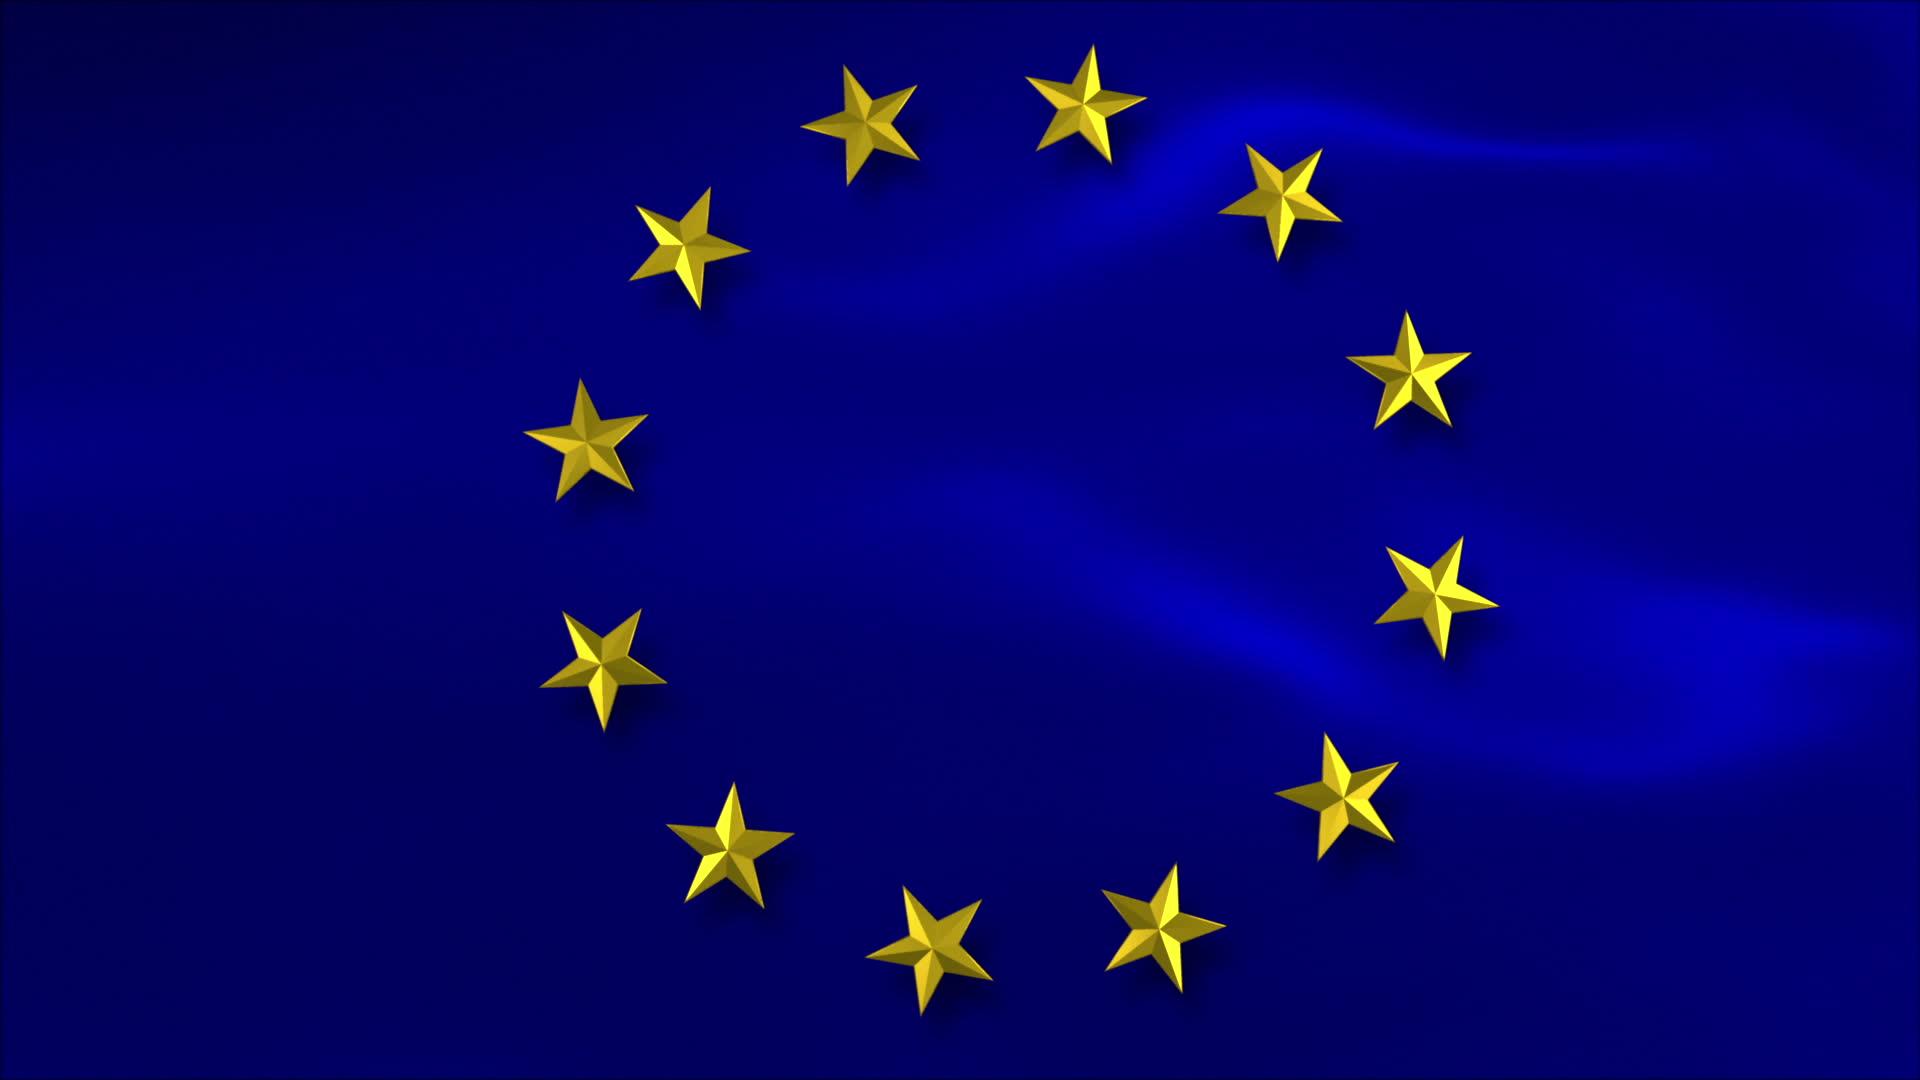 eu-flag-clean-energy-for-eu-island-1579711111.Eu-Flag-Clean-energy-for-EU-Island